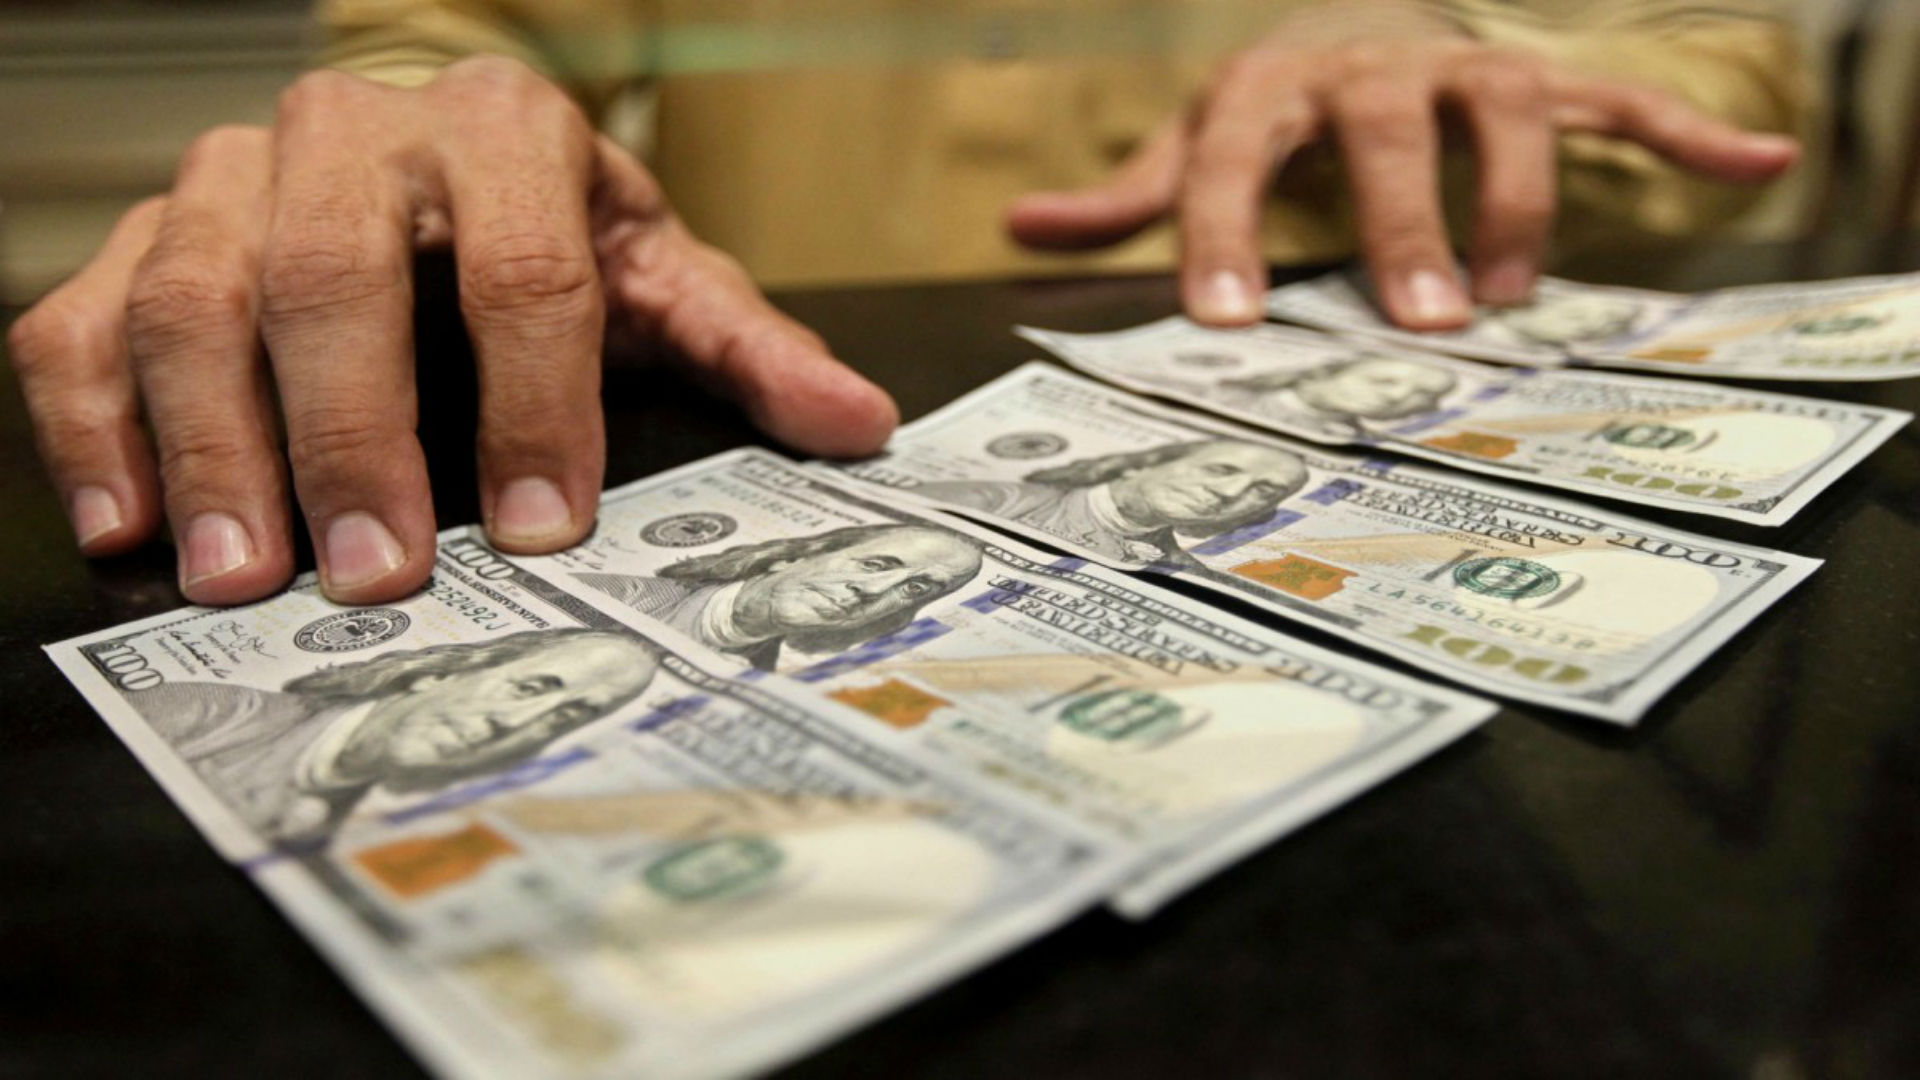 La dolarización es la respuesta a la crisis según expertos